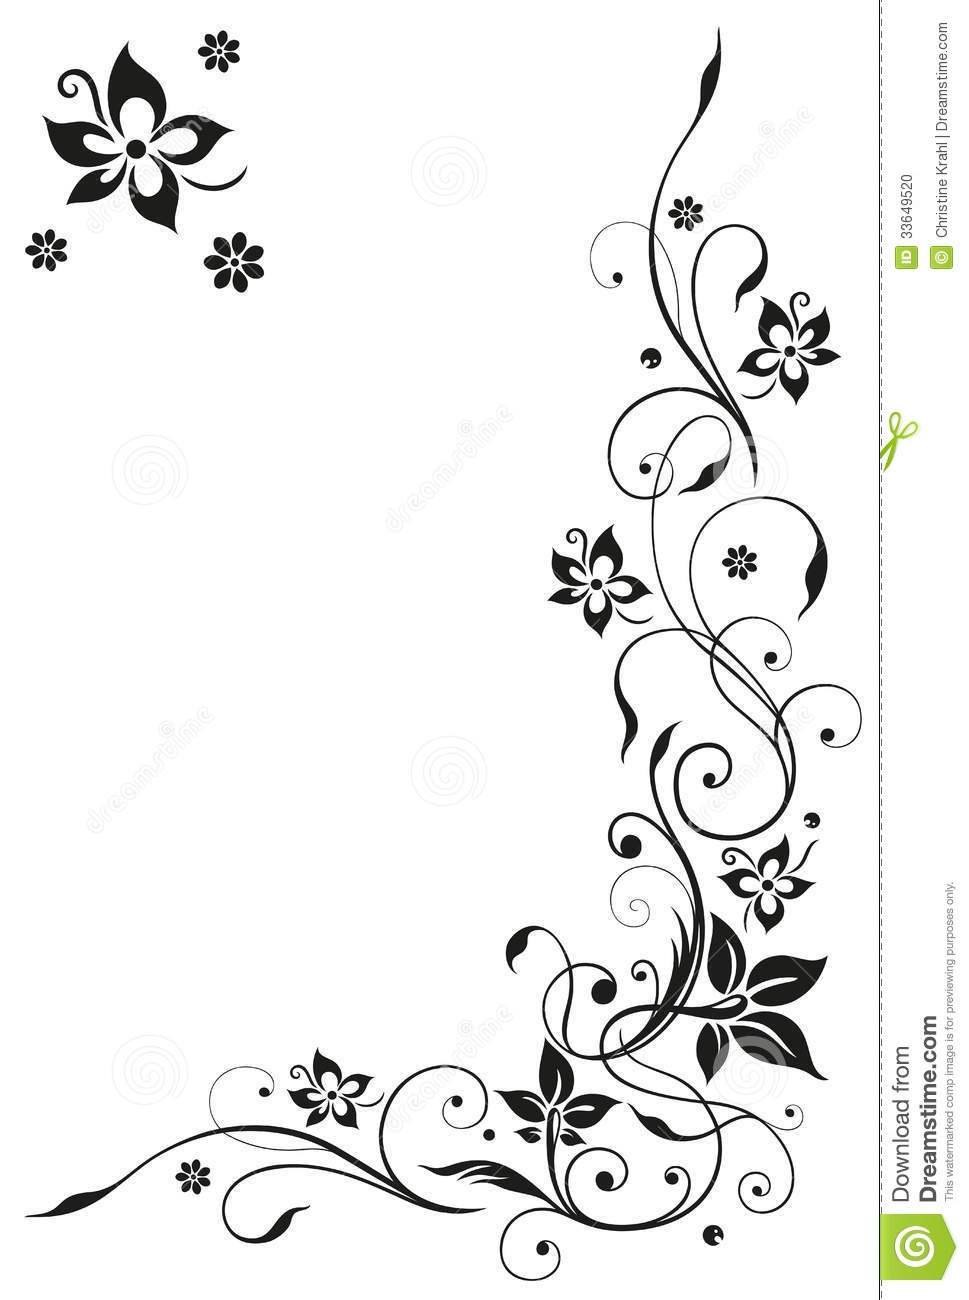 Malvorlagen Blumen Ranken Kostenlos Frisch Malvorlagen Für Erwachsene Kostenlose Druckvorlagen Neu Malvorlagen Galerie